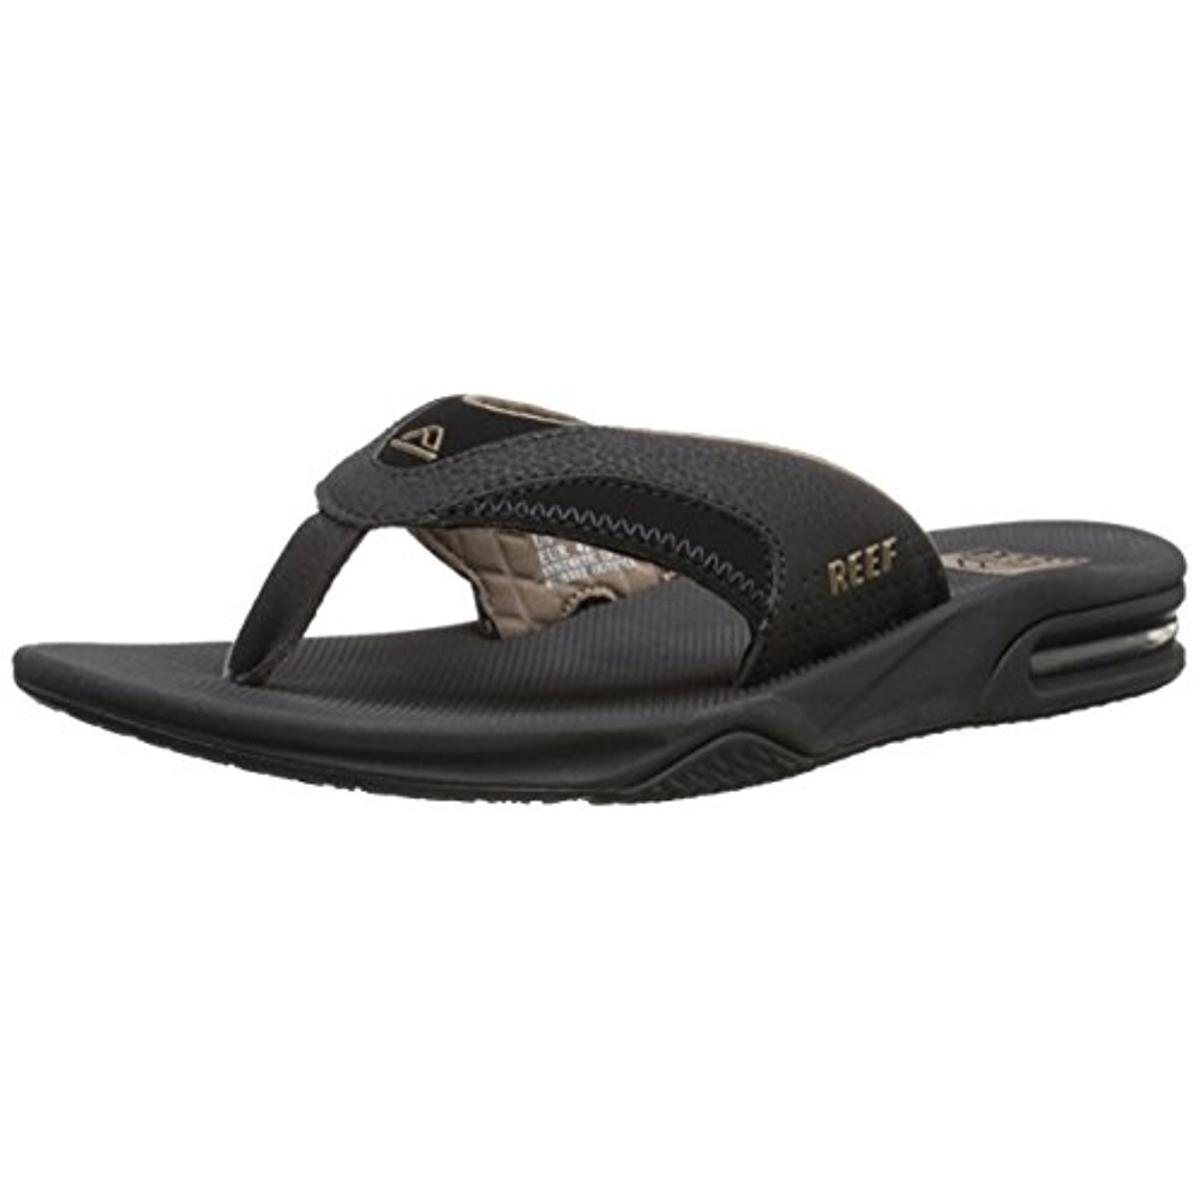 Black reef sandals - Reef 4677 Mens Fanning Ii Thong Contrast Trim